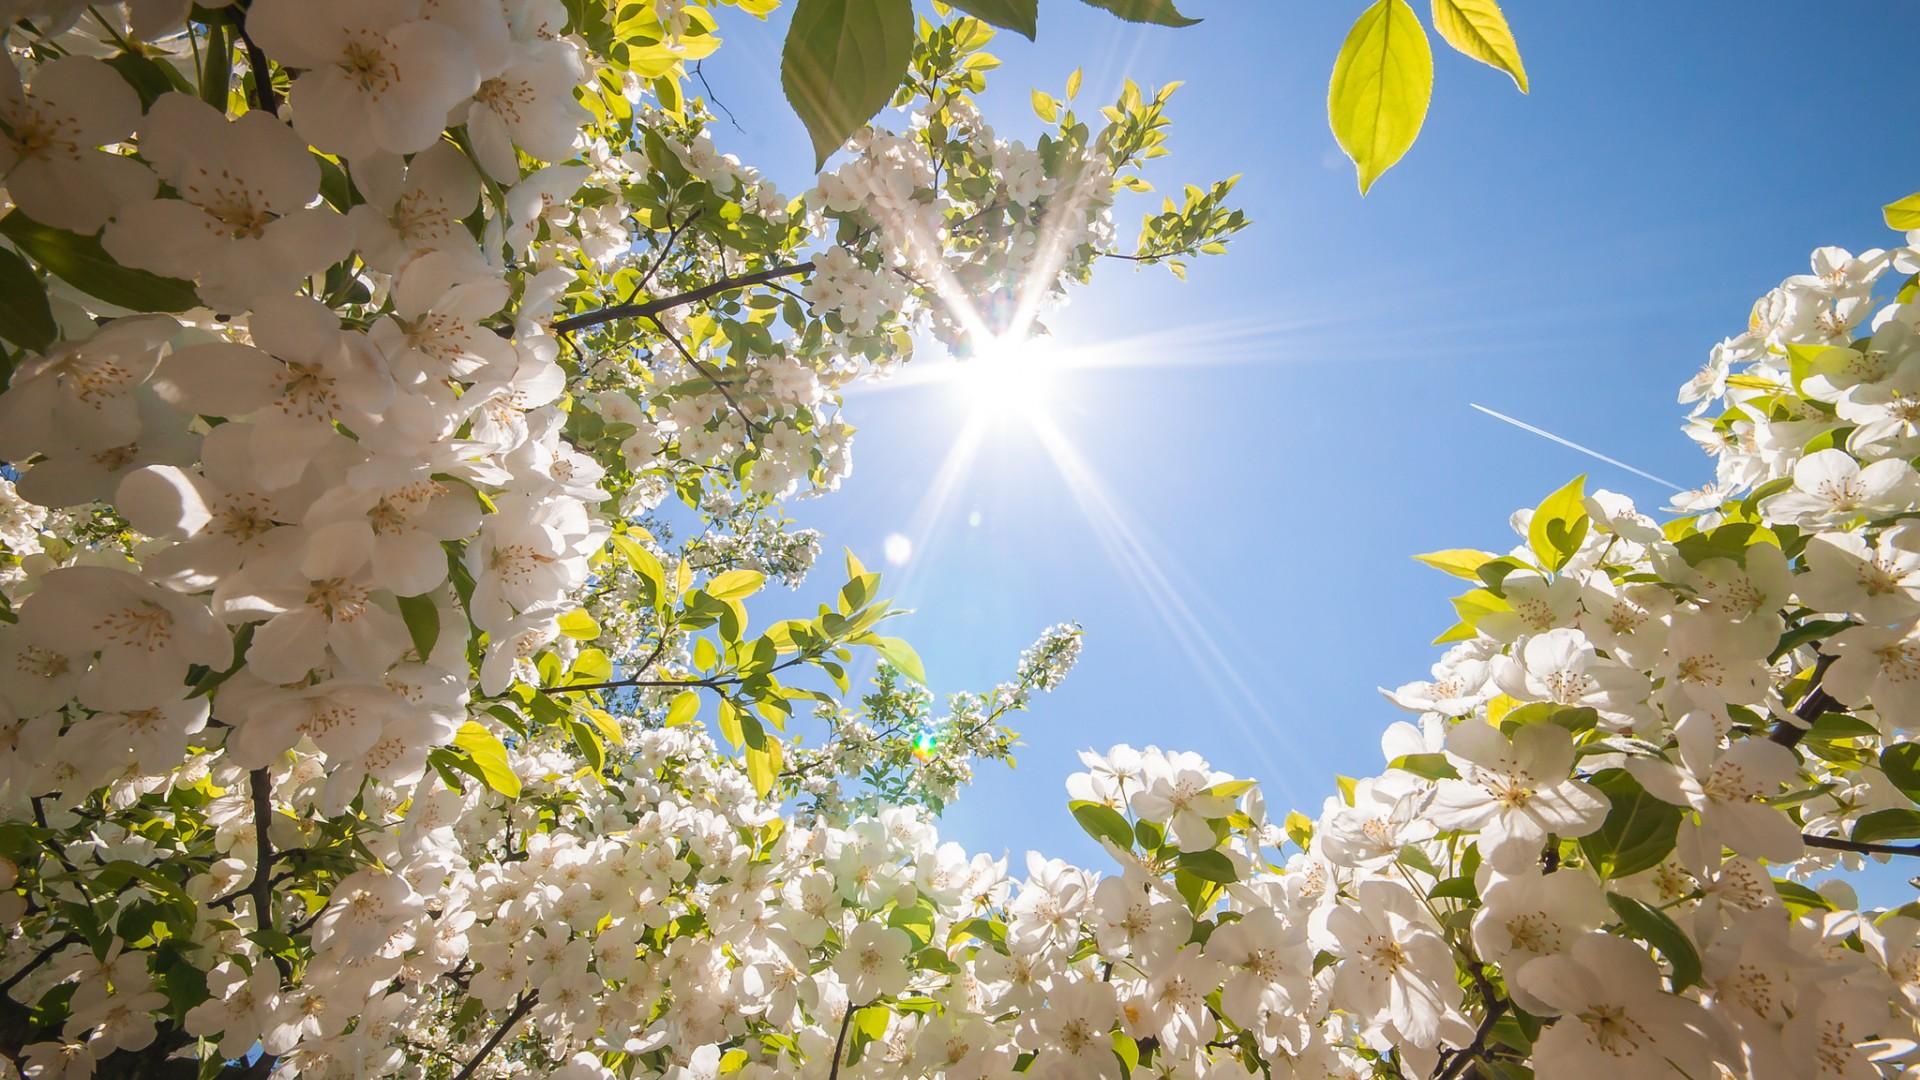 Kur do të vijë pranvera? Sot priten sërish reshje